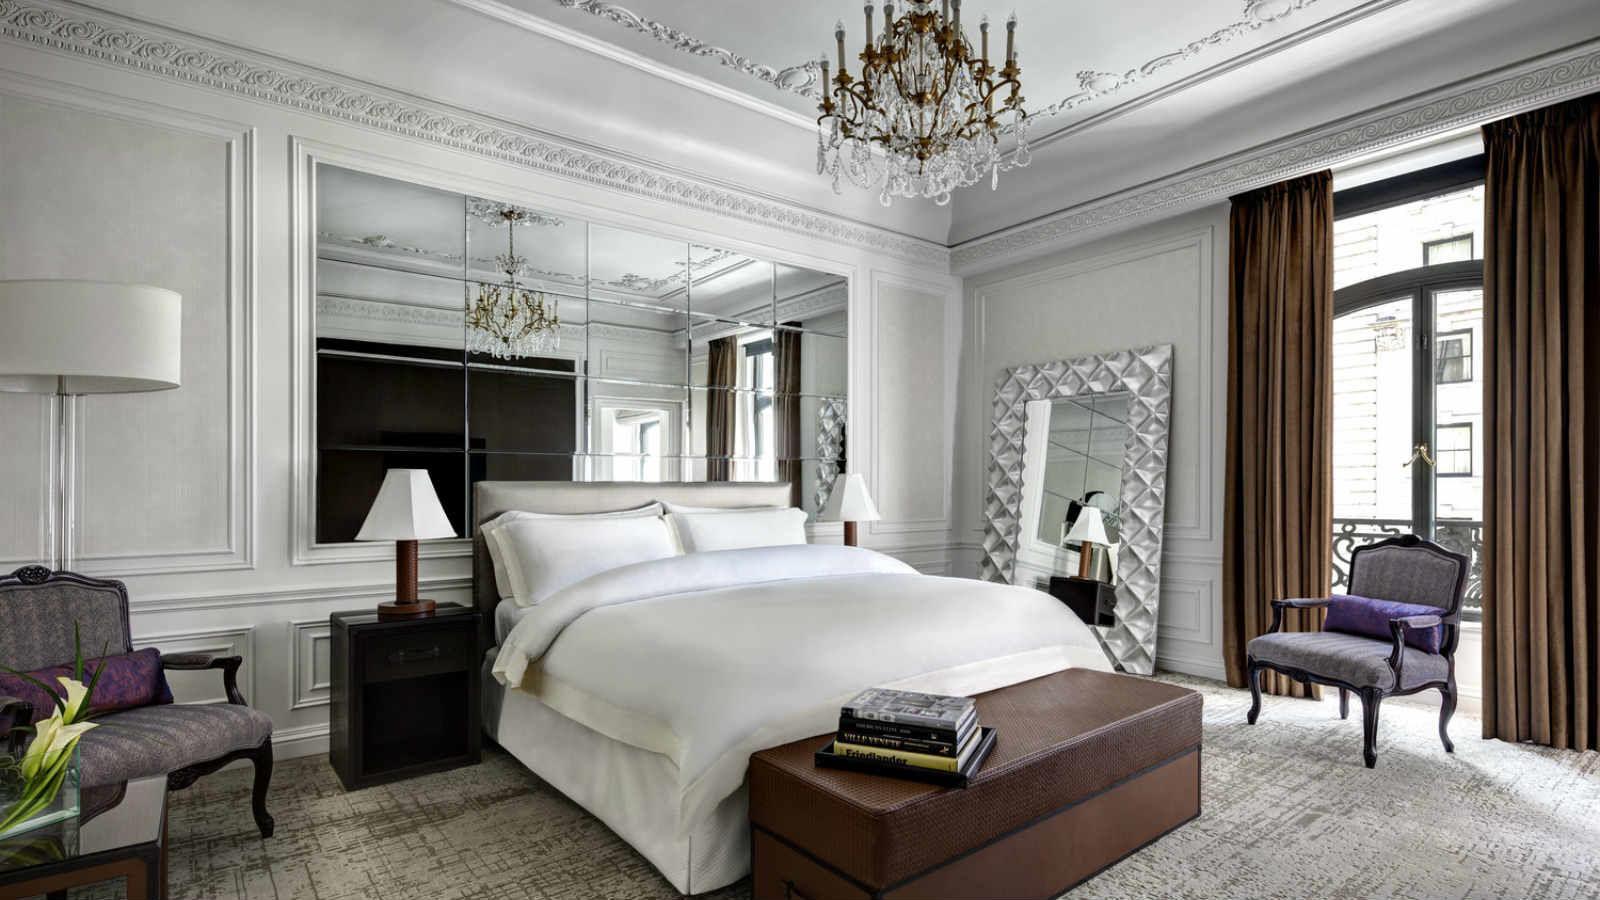 Dior Suite, St. Regis New York